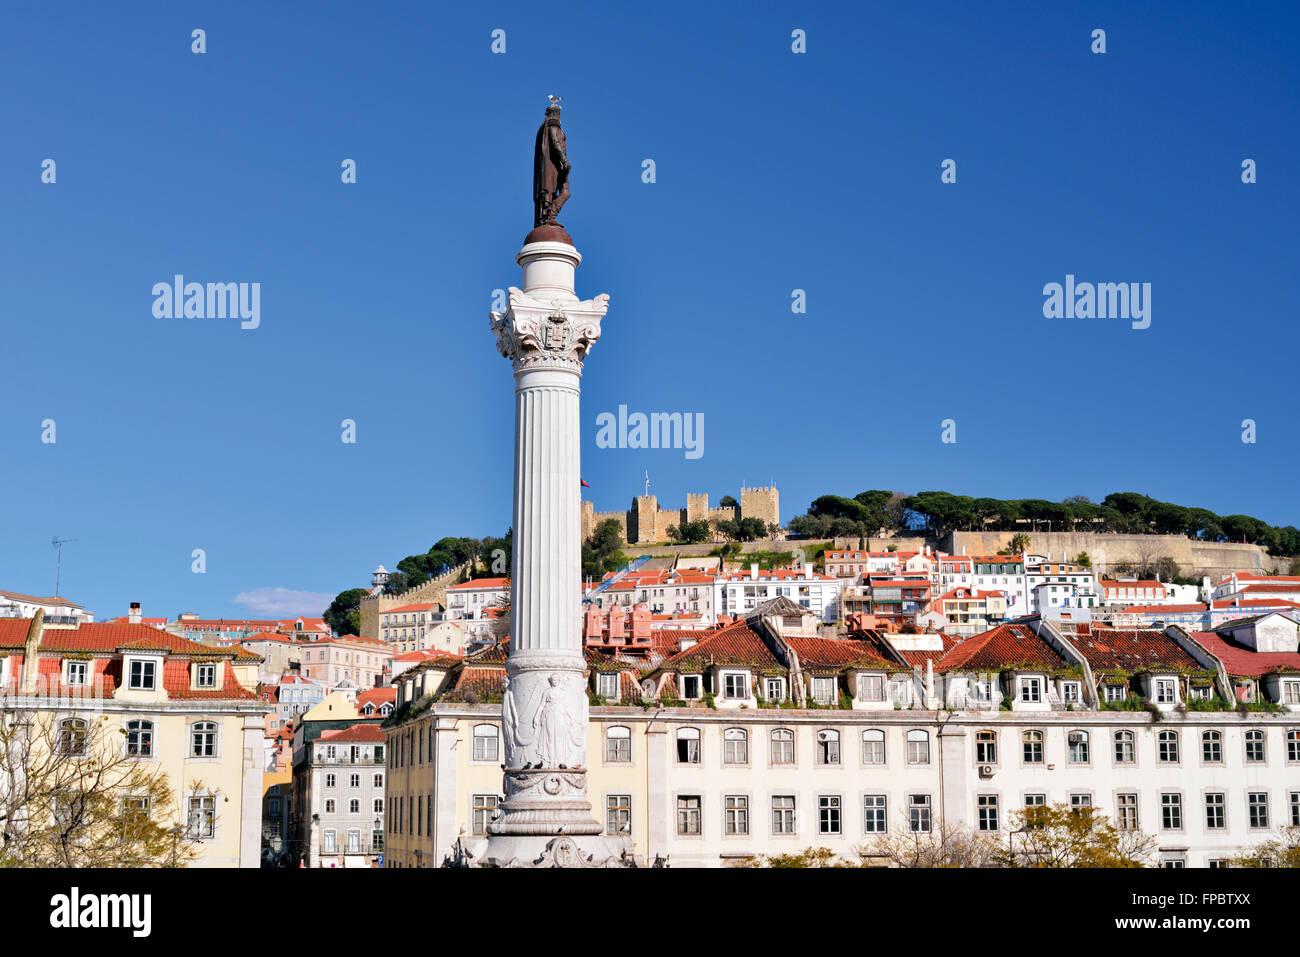 Portugal, Lisboa: la columna y la estatua de Don Pedro IV, en la Plaza de Rossio con castillo en el fondo Foto de stock